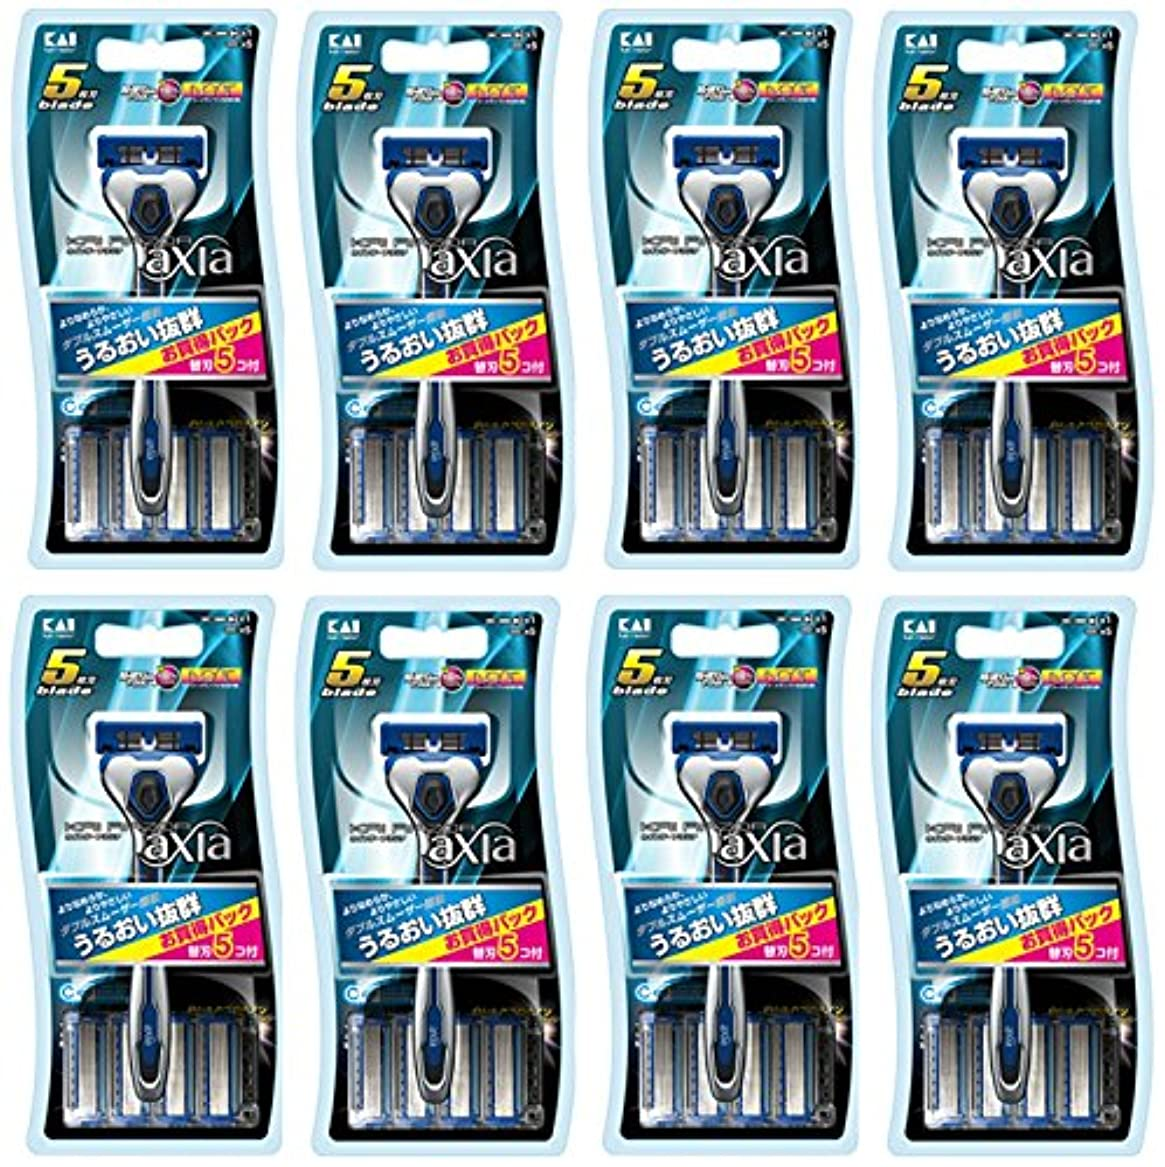 邪悪な一生船酔い【まとめ買い】KAI RAZOR axia(カイ レザー アクシア) 5枚刃カミソリ コンボパック 5P×8個